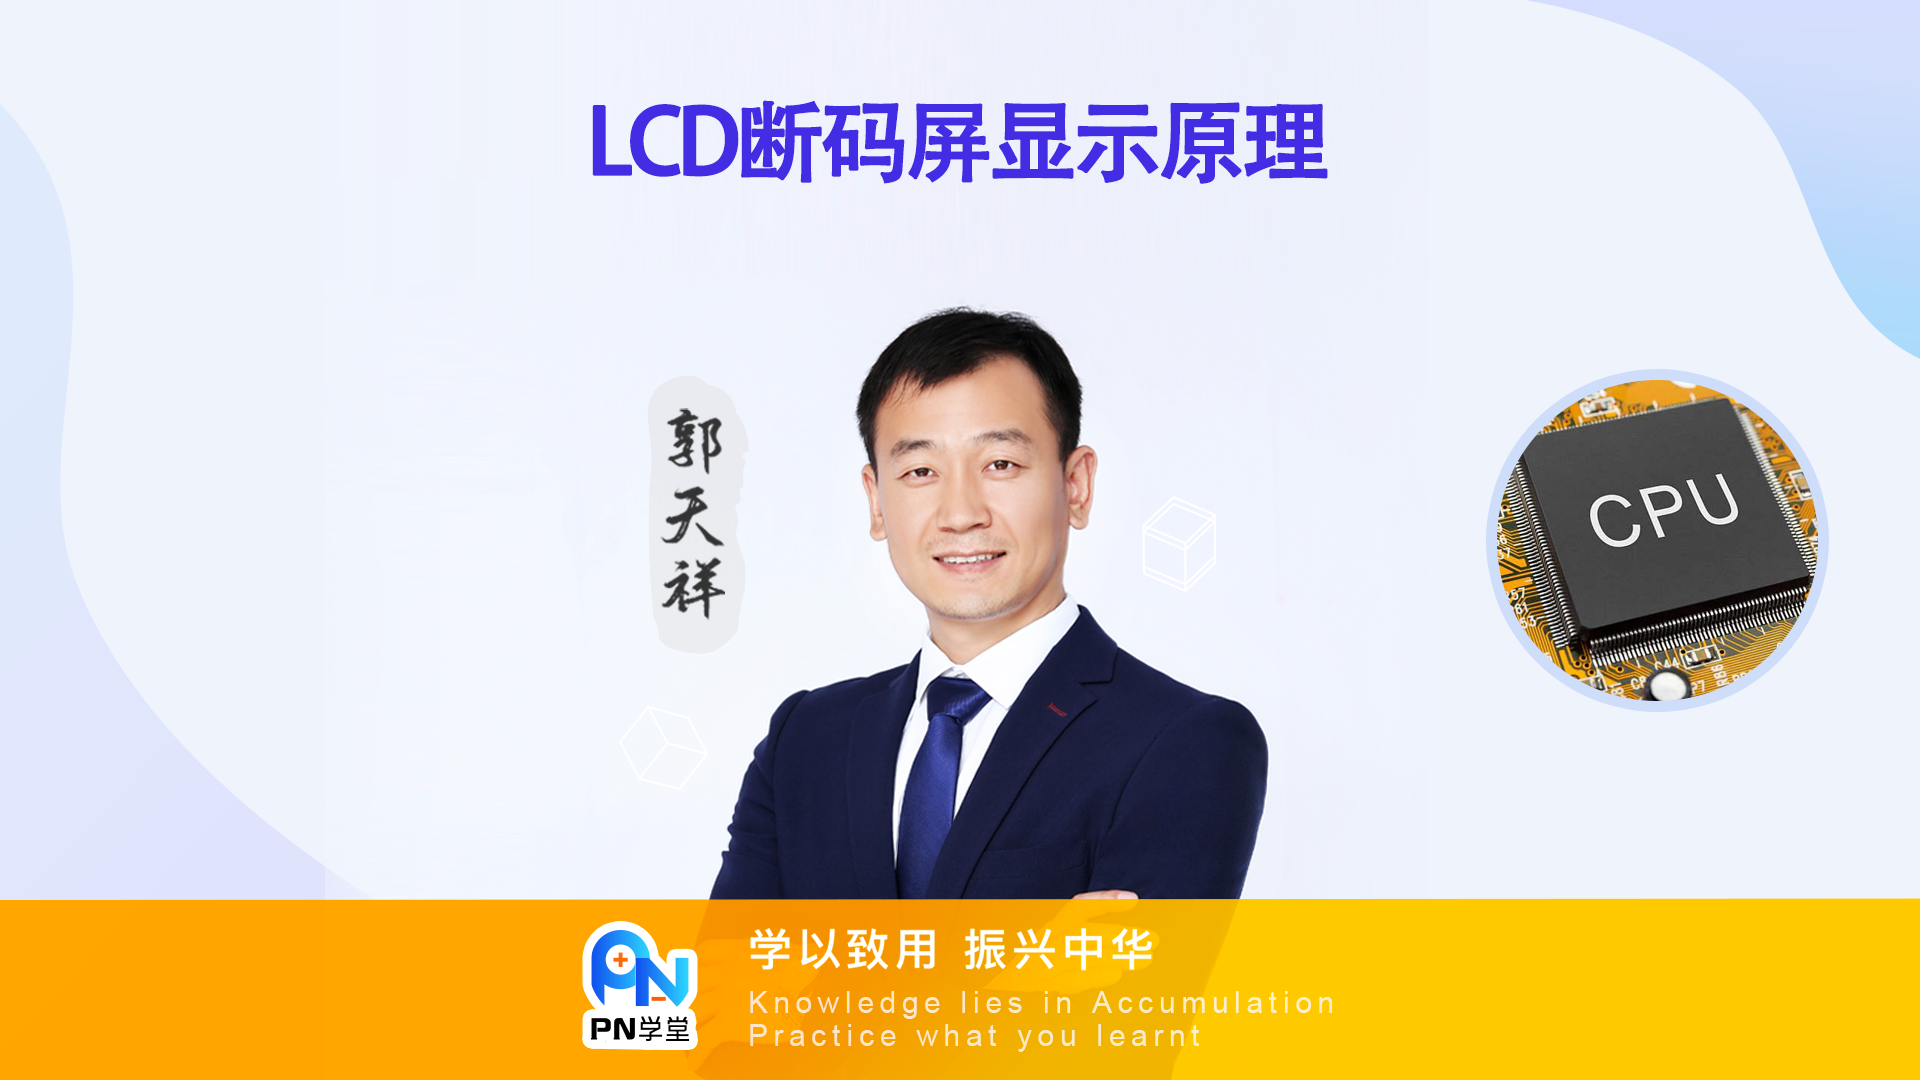 郭天祥—LCD段码液晶屏显示原理(因为成本,现在很多企业用)